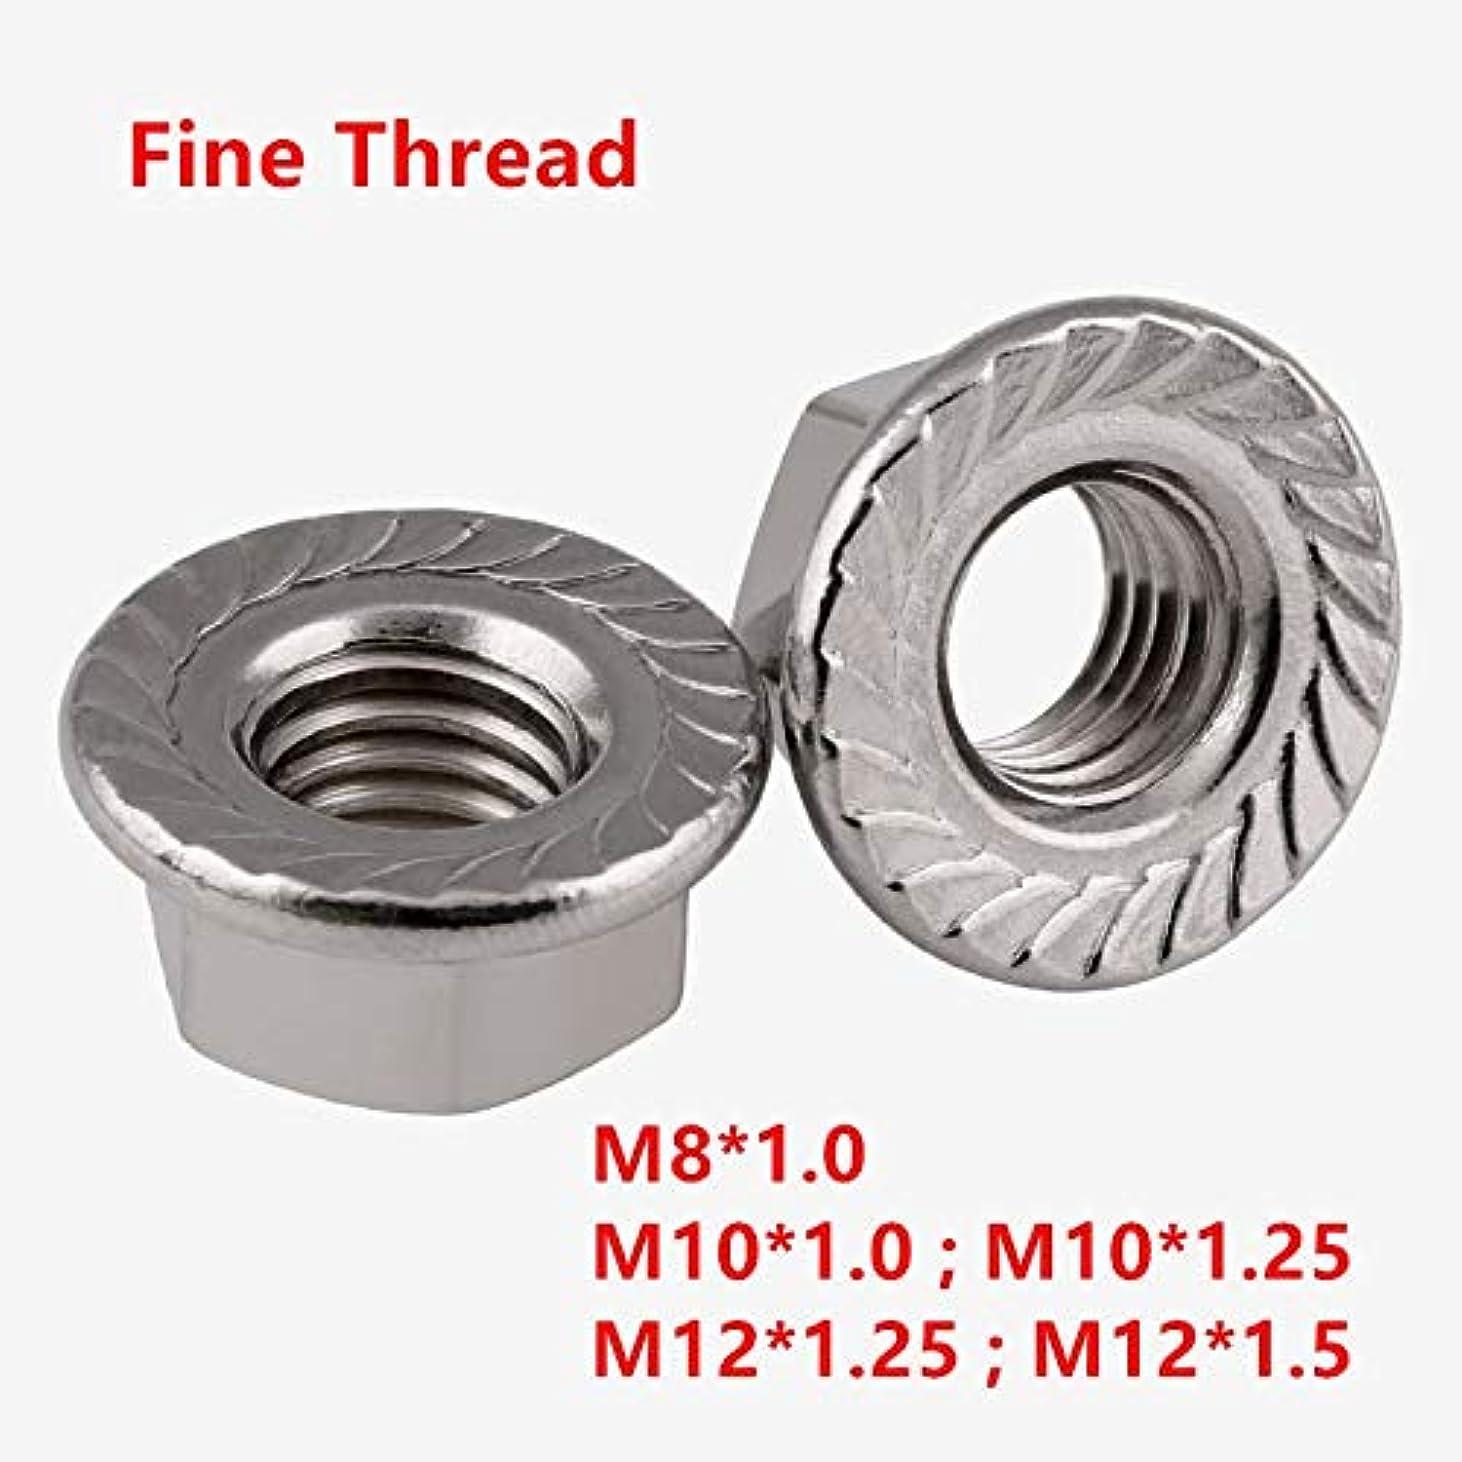 Nuts 10pcs 5pcs DIN6923 GB6177 M8 M10 M12 fine Thread Flanged Hex Nut Flange Nuts Non-Slip Lock nut Antiskid nut - (Size: M12 x 1.5 5pcs) nahmw050732